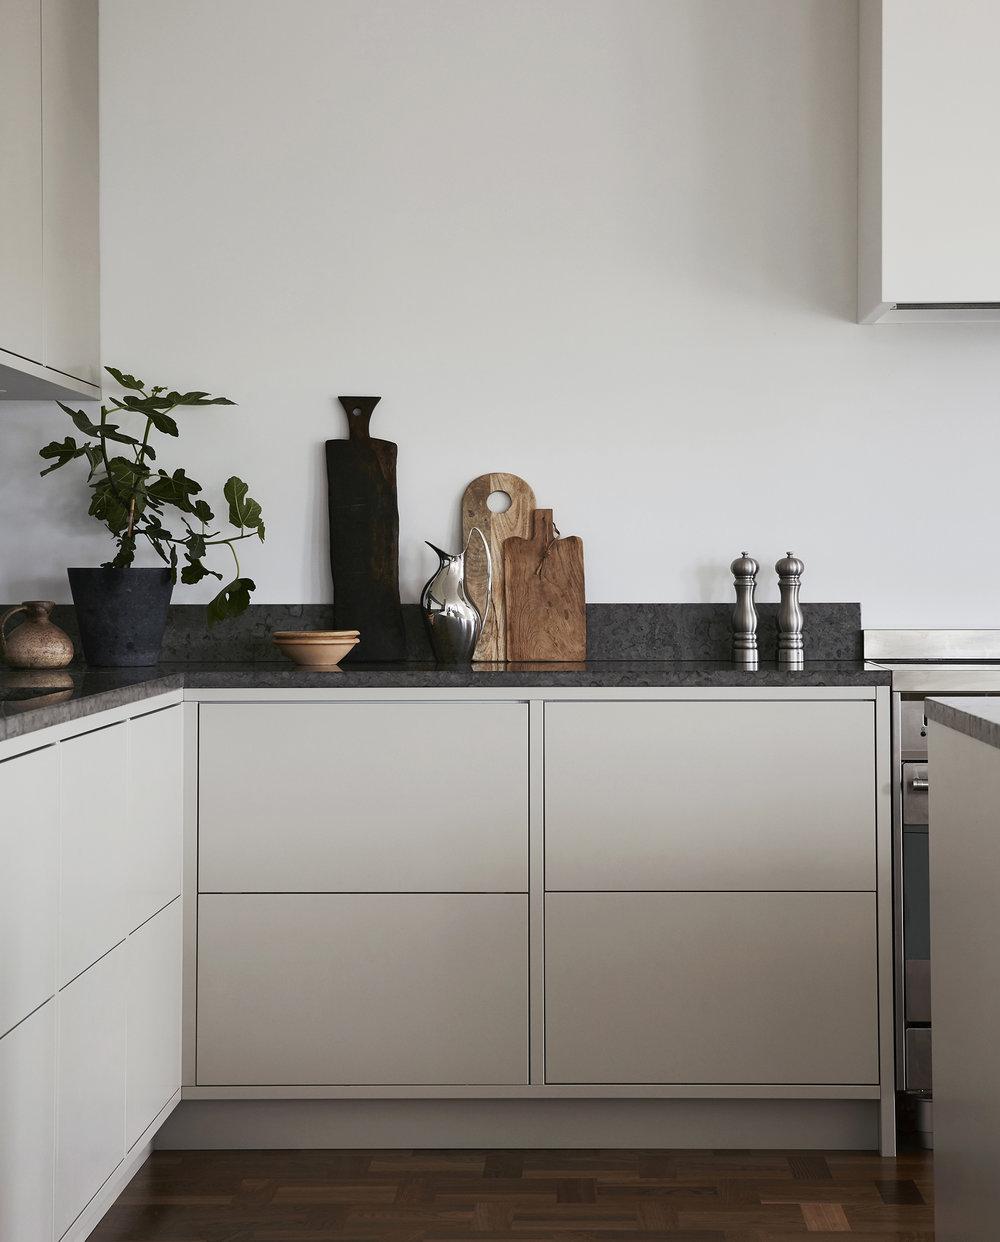 Ett lättstädat och vackert kök som gjort för fest, skratt och vardag. Exklusiv kalksten från Kinnekulle ger en unik prägel. 3x3m + köksö Pris 82.000 sek(Pris exklusive bänkskiva och vitvaror) Se fler bilder